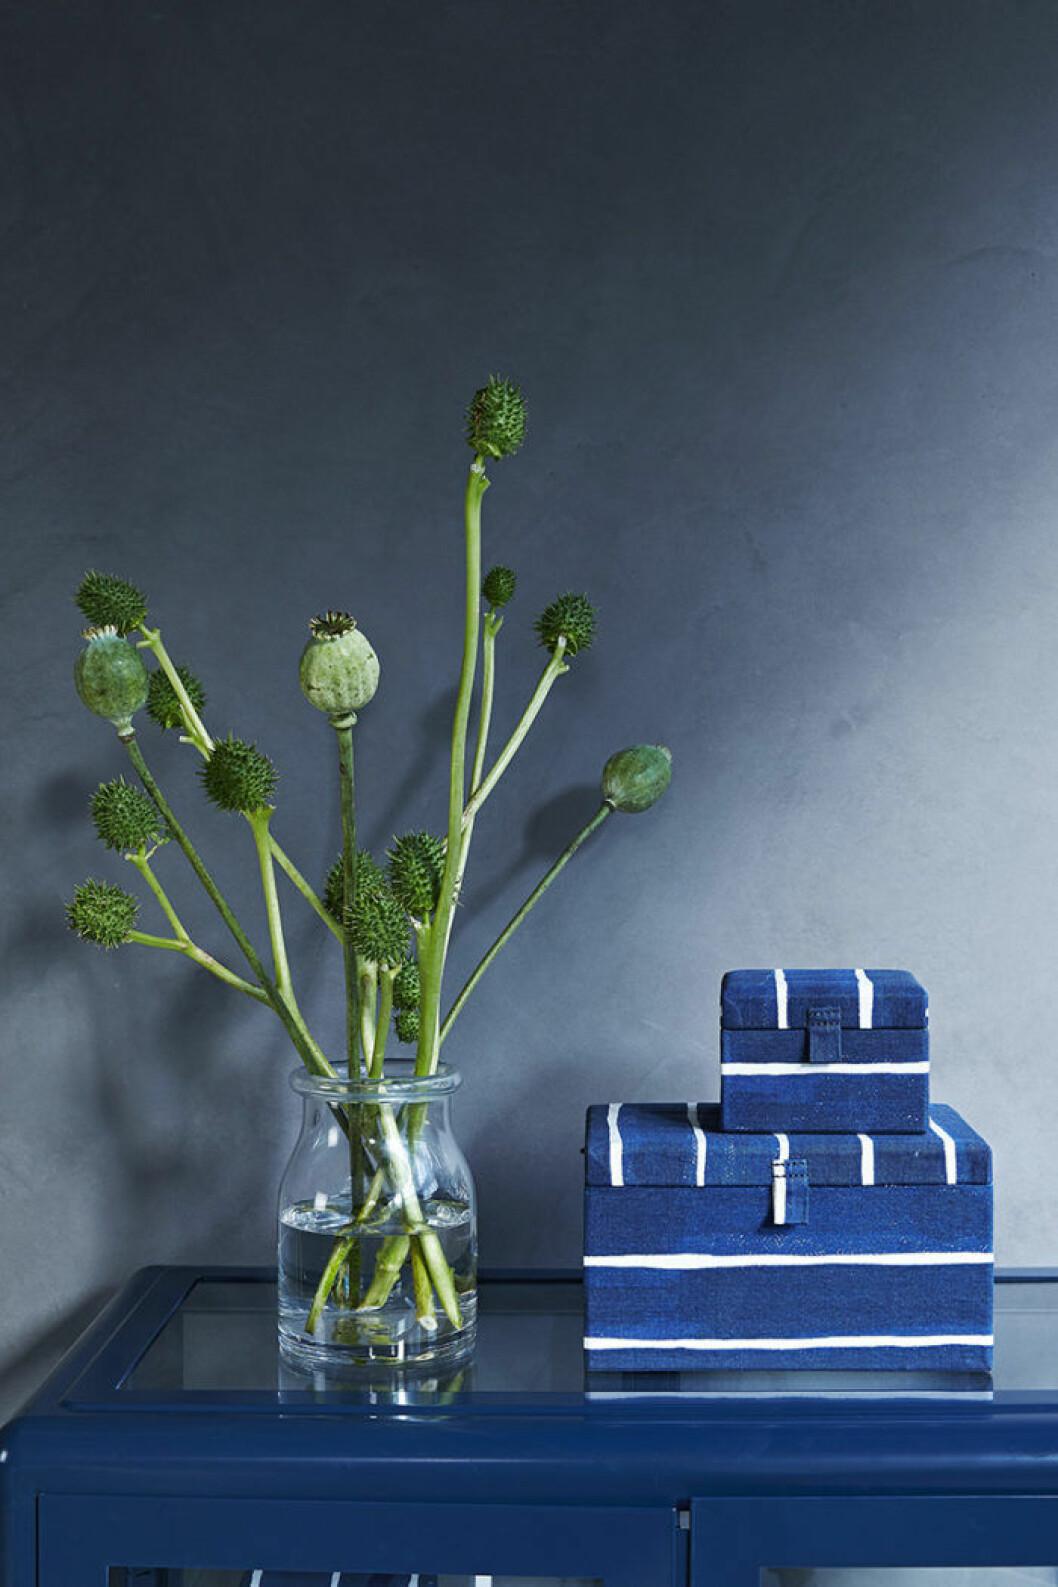 Ikeas kollektion Innehållsrik, växt och lådor.